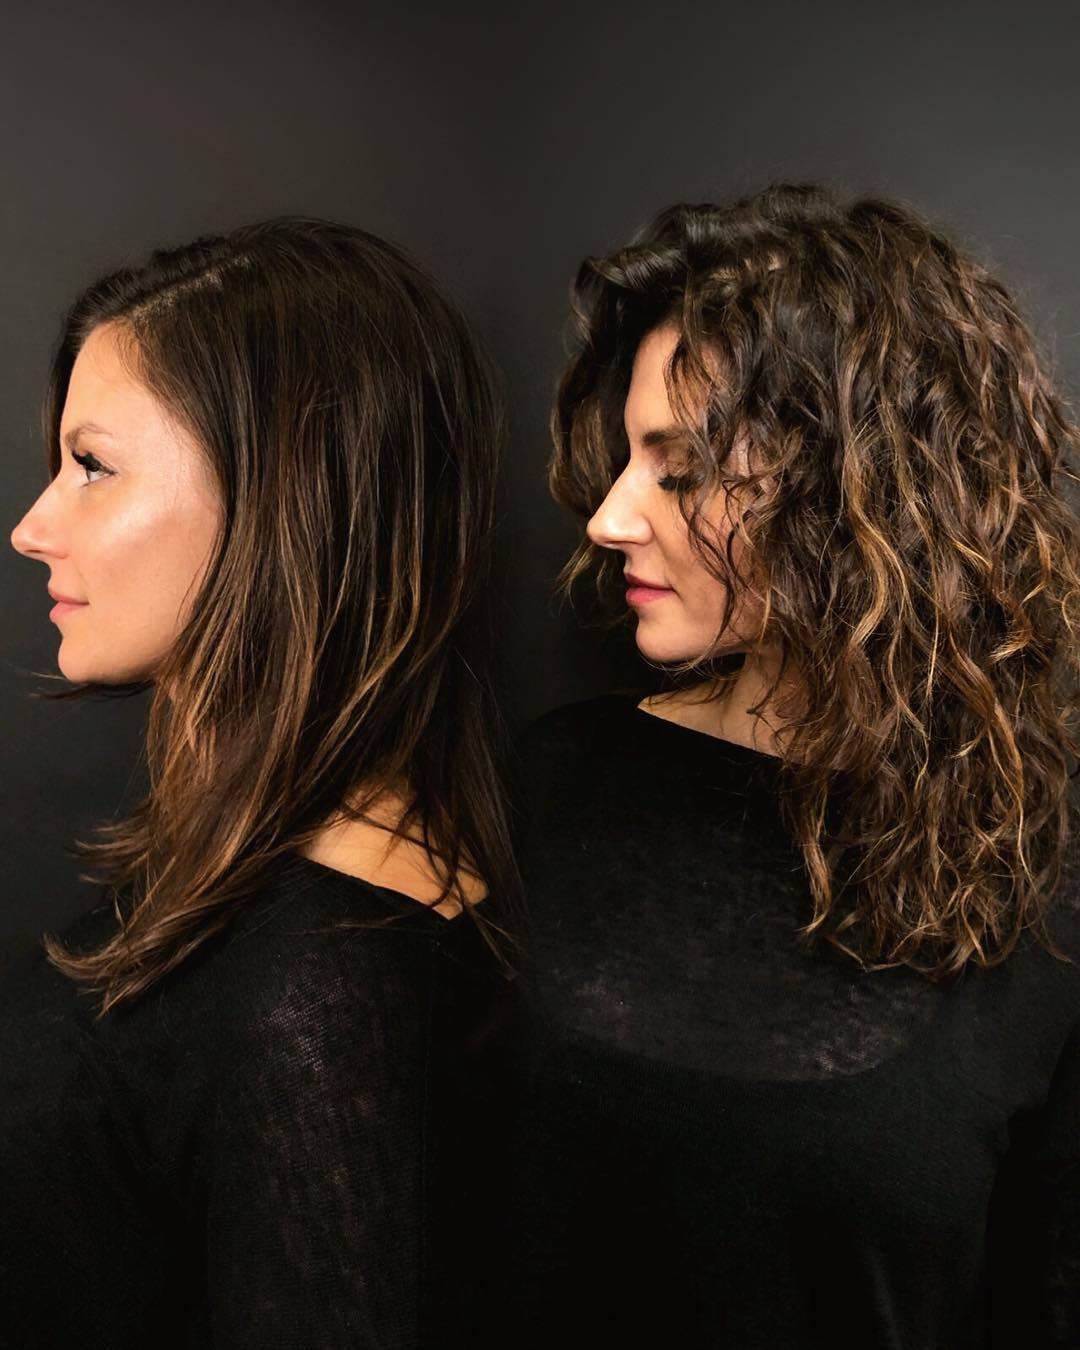 femme aux cheveux raides avant et aux cheveux bouclés permanentés après